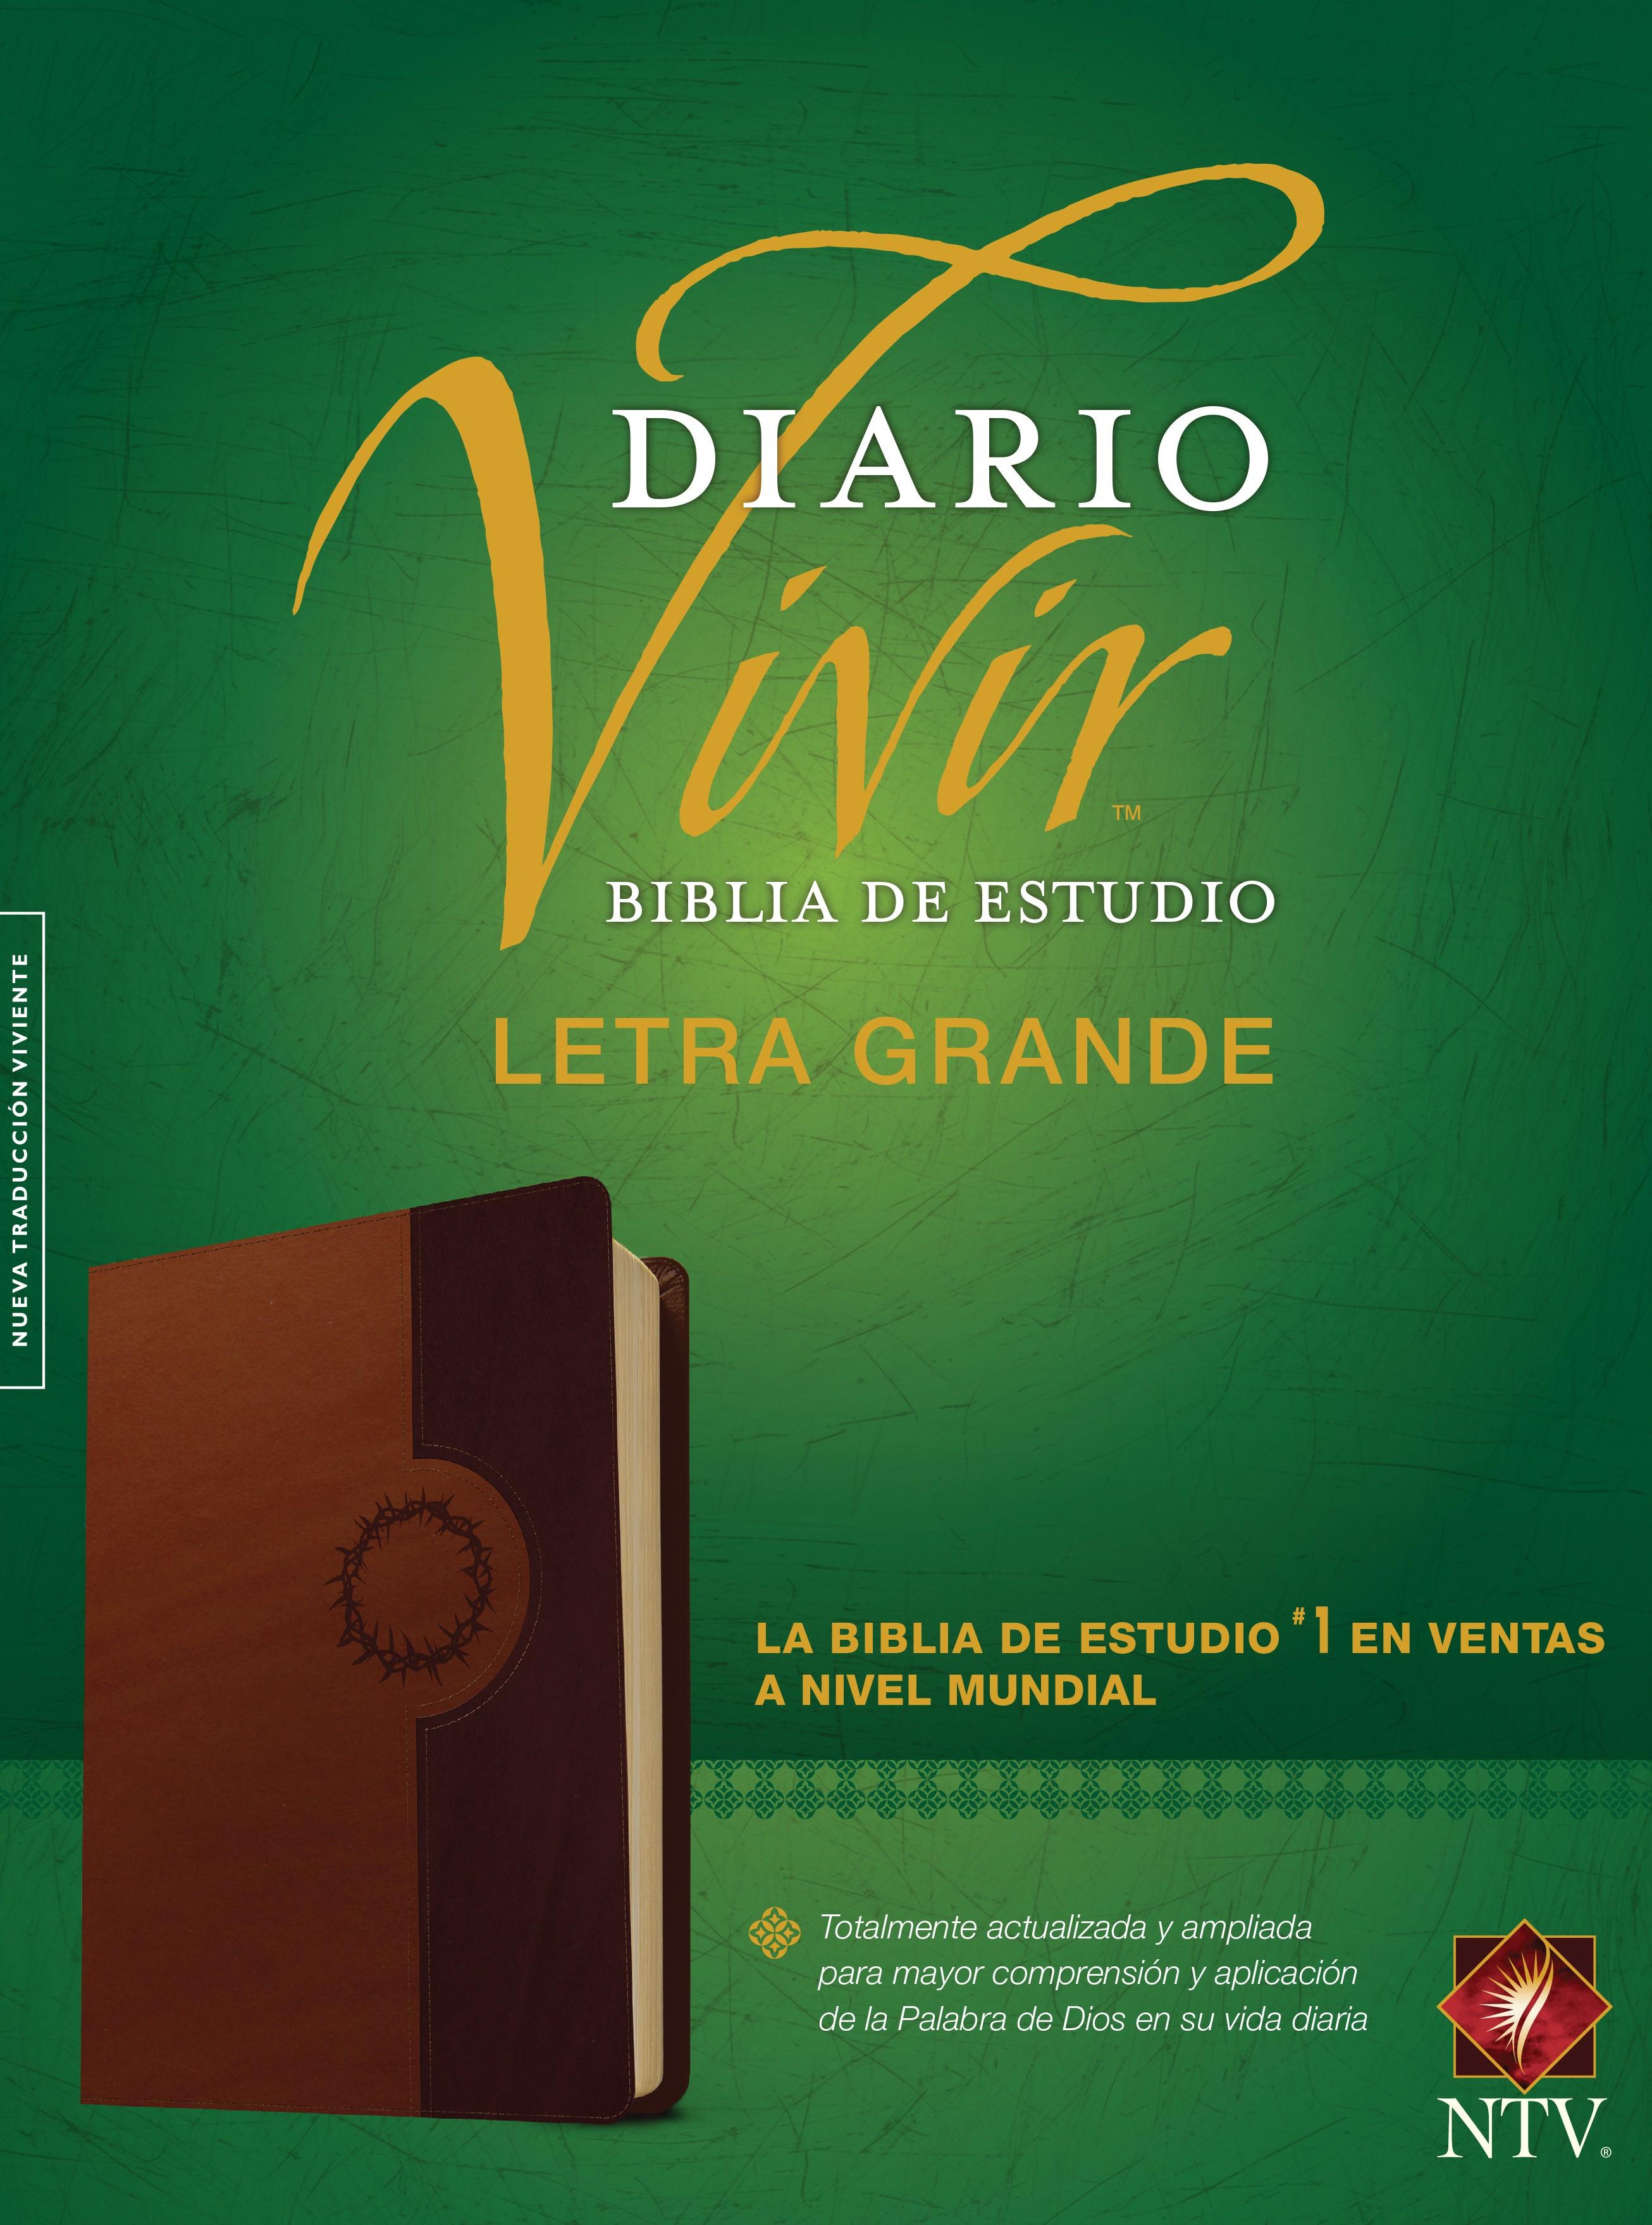 Biblia de estudio del diario vivir NTV, letra grande (Letra Roja, SentiPiel, Café/Café claro, Índice)